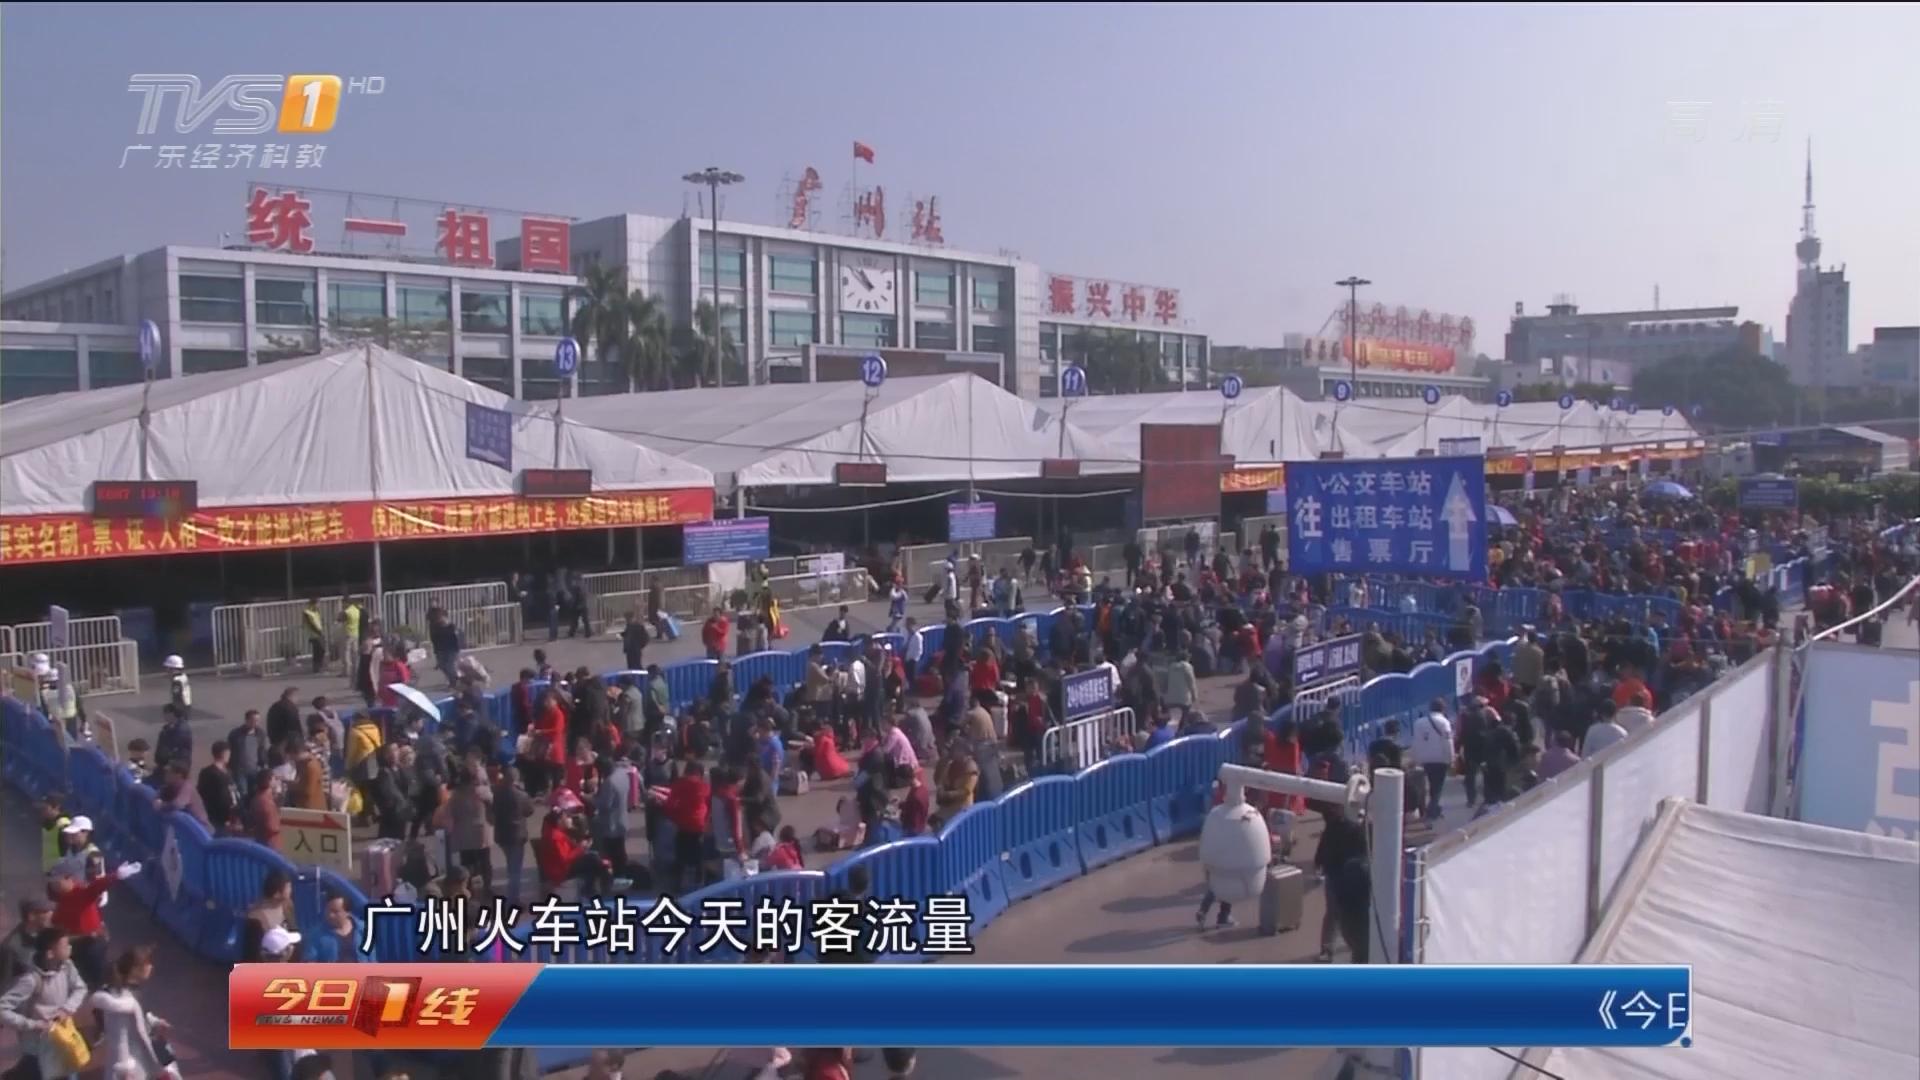 春运出行:铁路客流最高峰 广州站发送约15万人